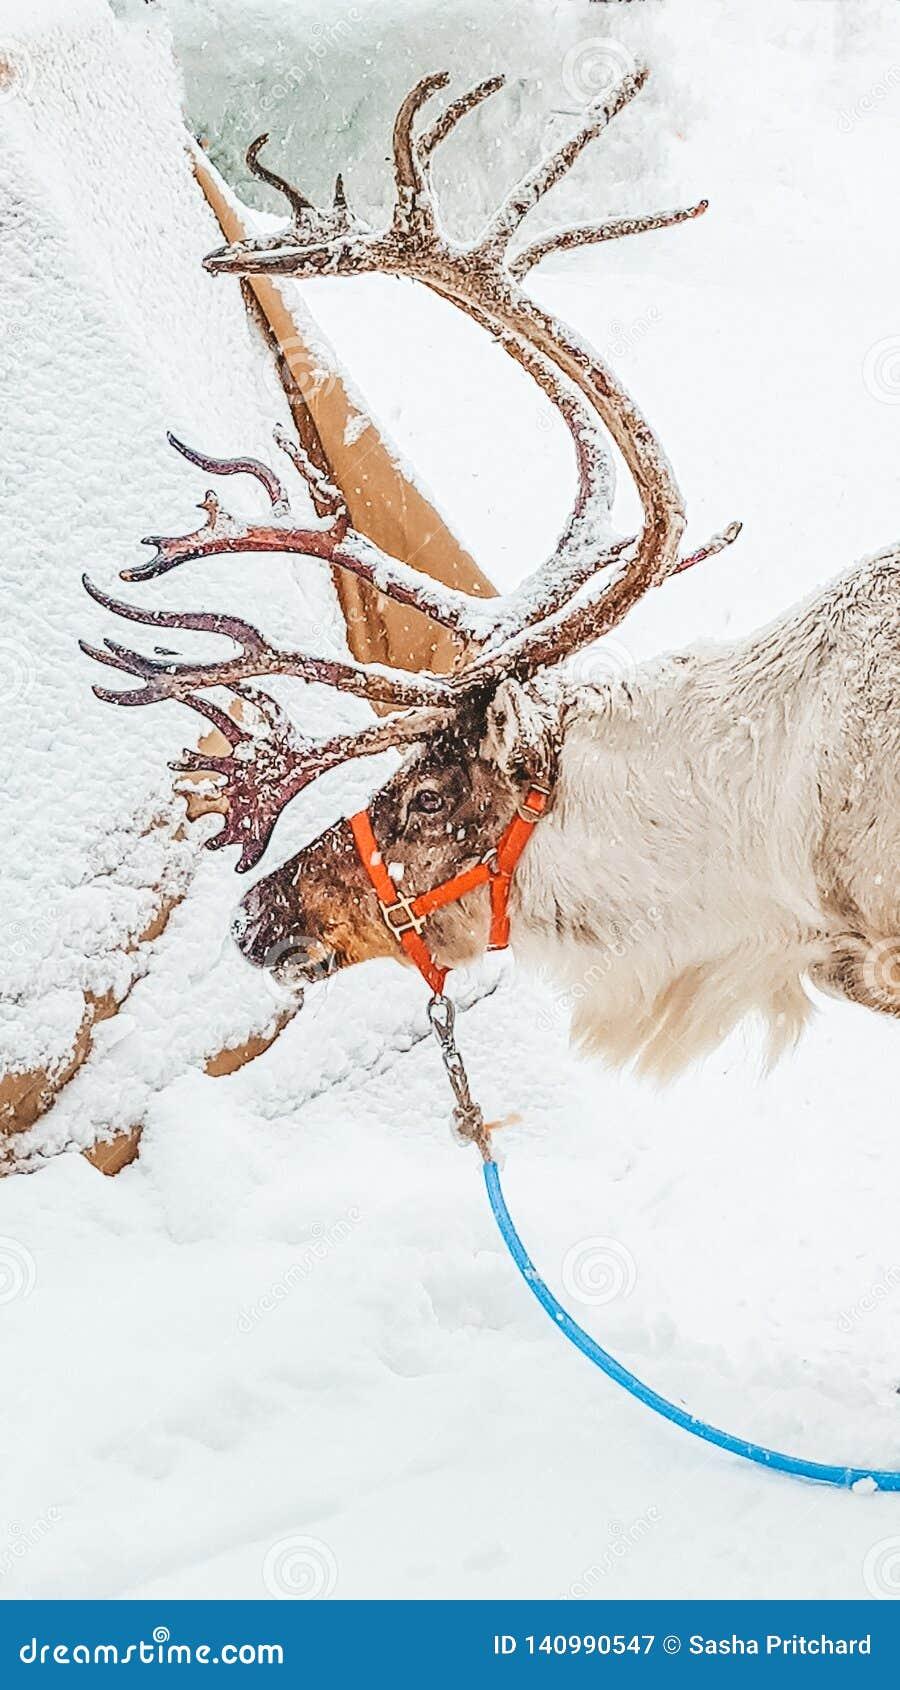 Reindeer int he snow in the winter